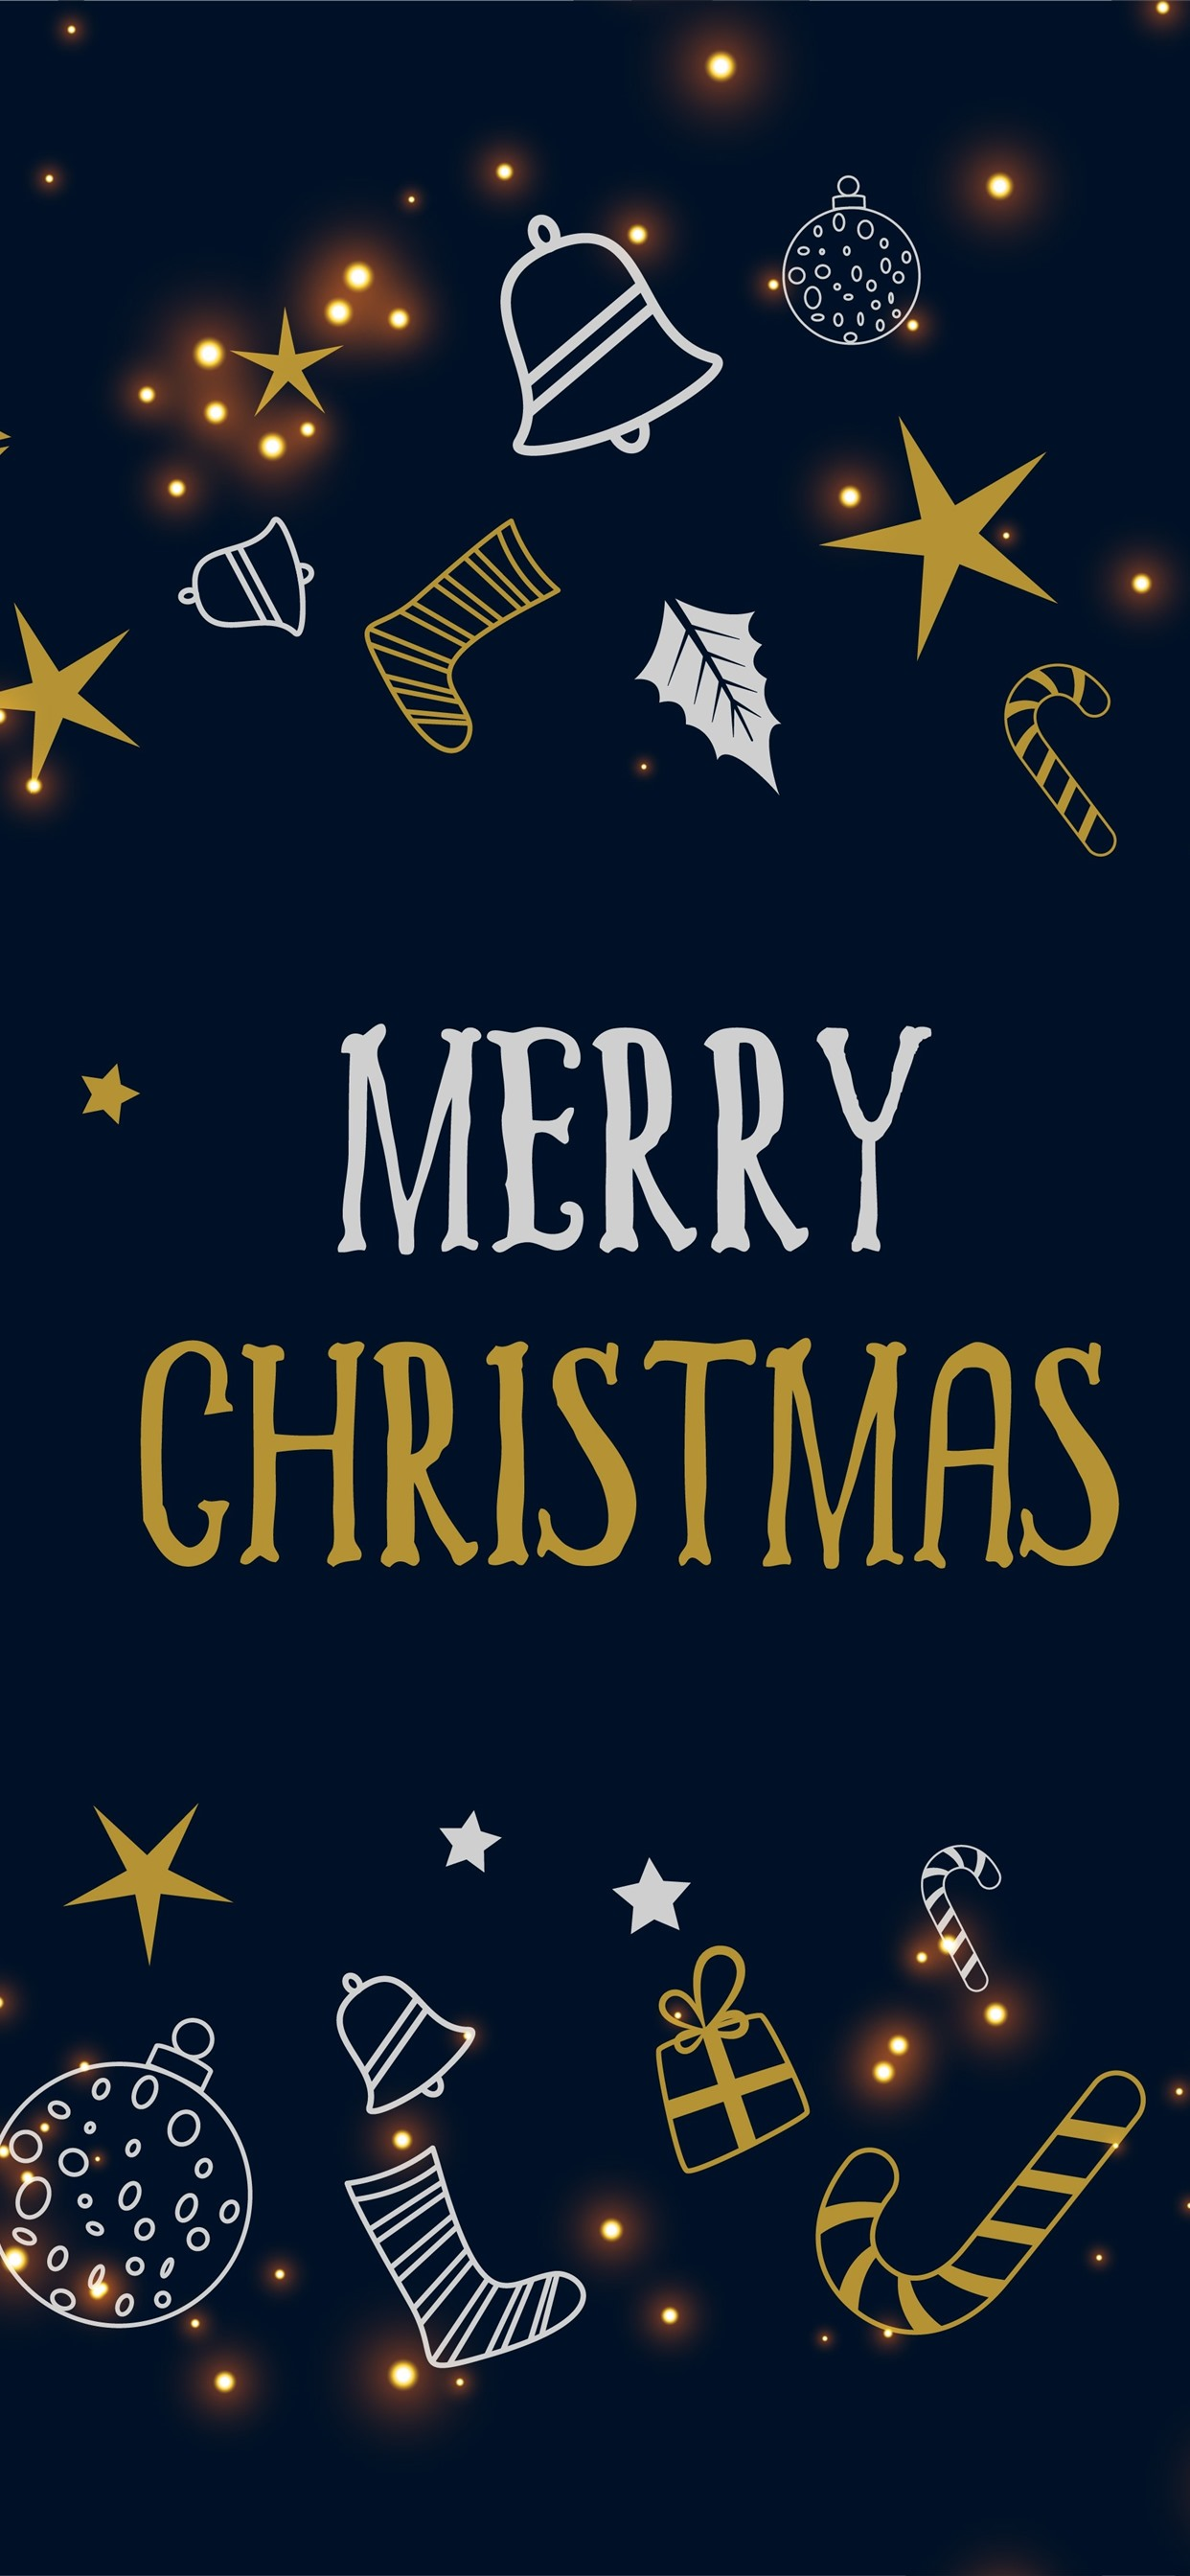 メリークリスマス 星 キャンディー ギフト ボール 装飾 アート